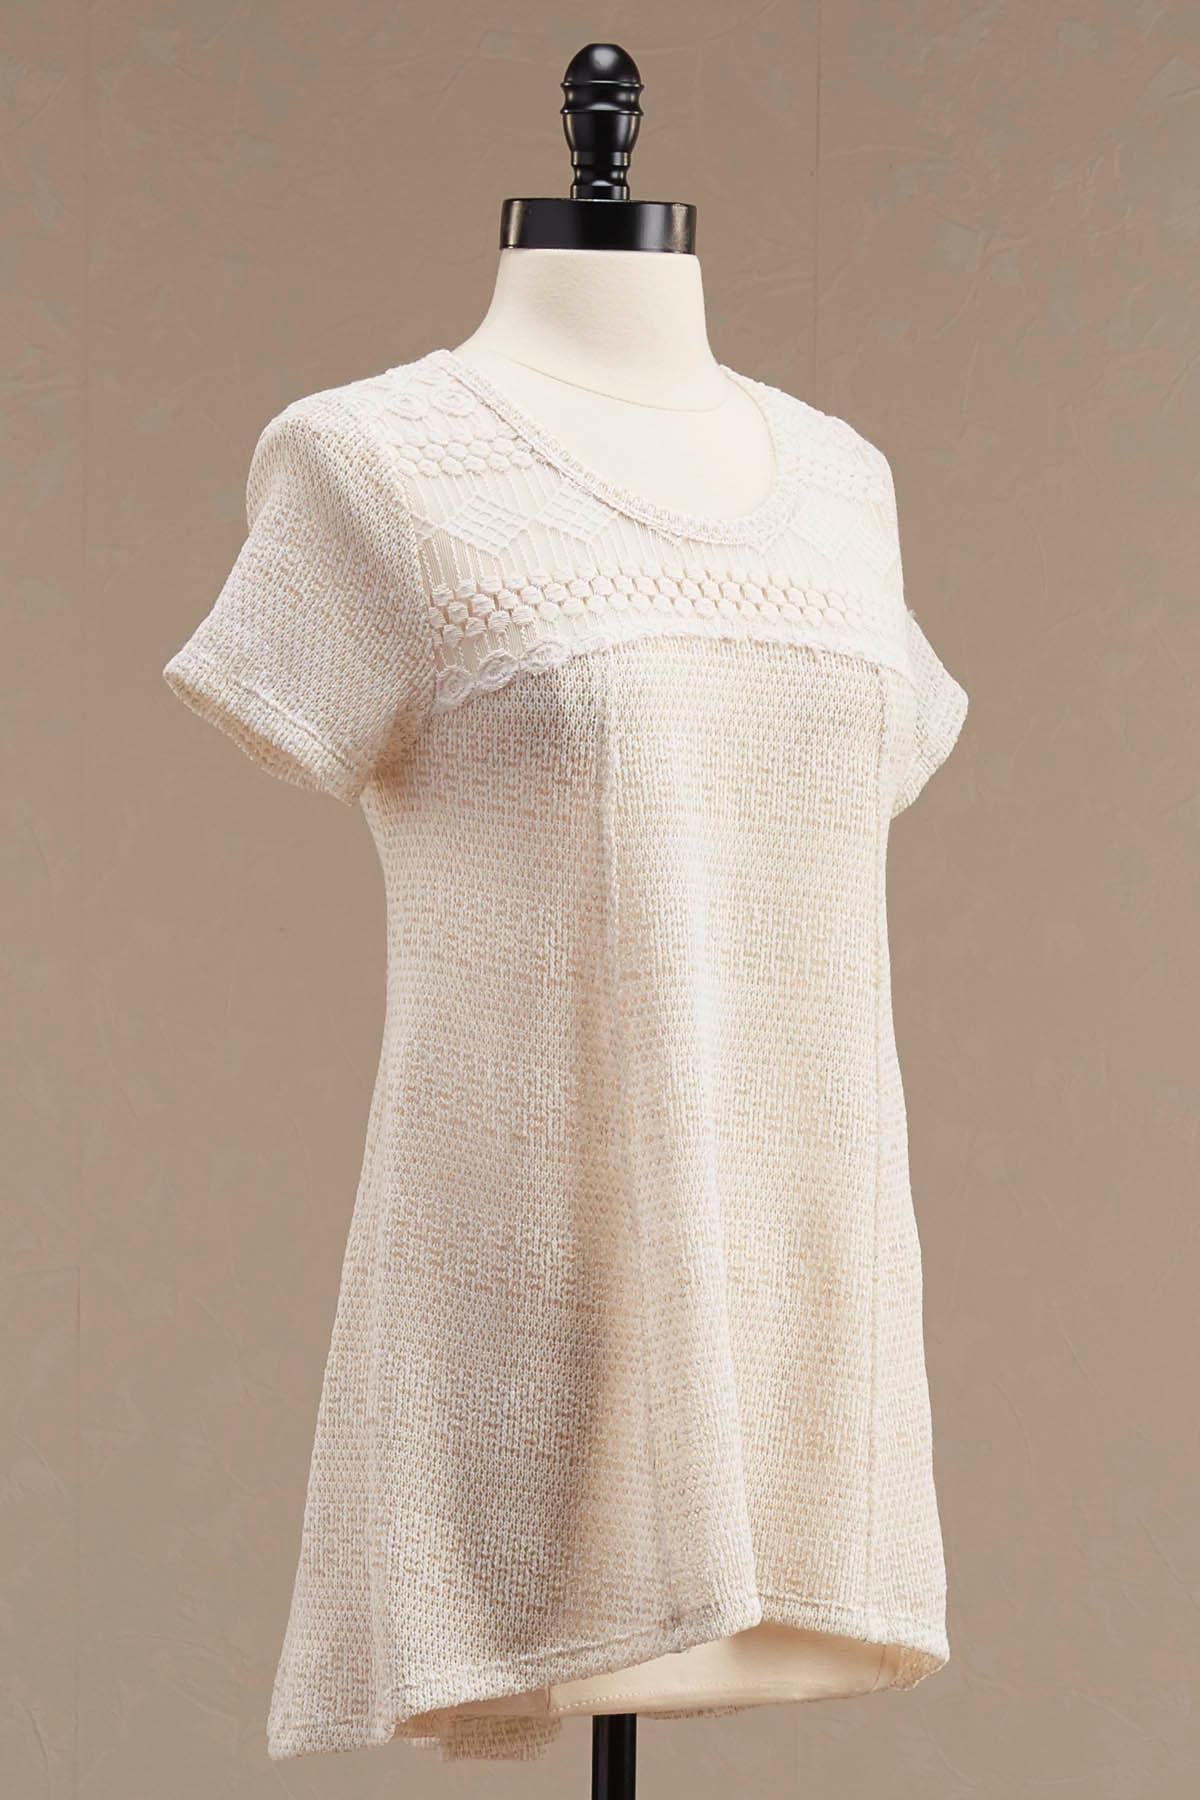 Crochet Neck High- Low Top